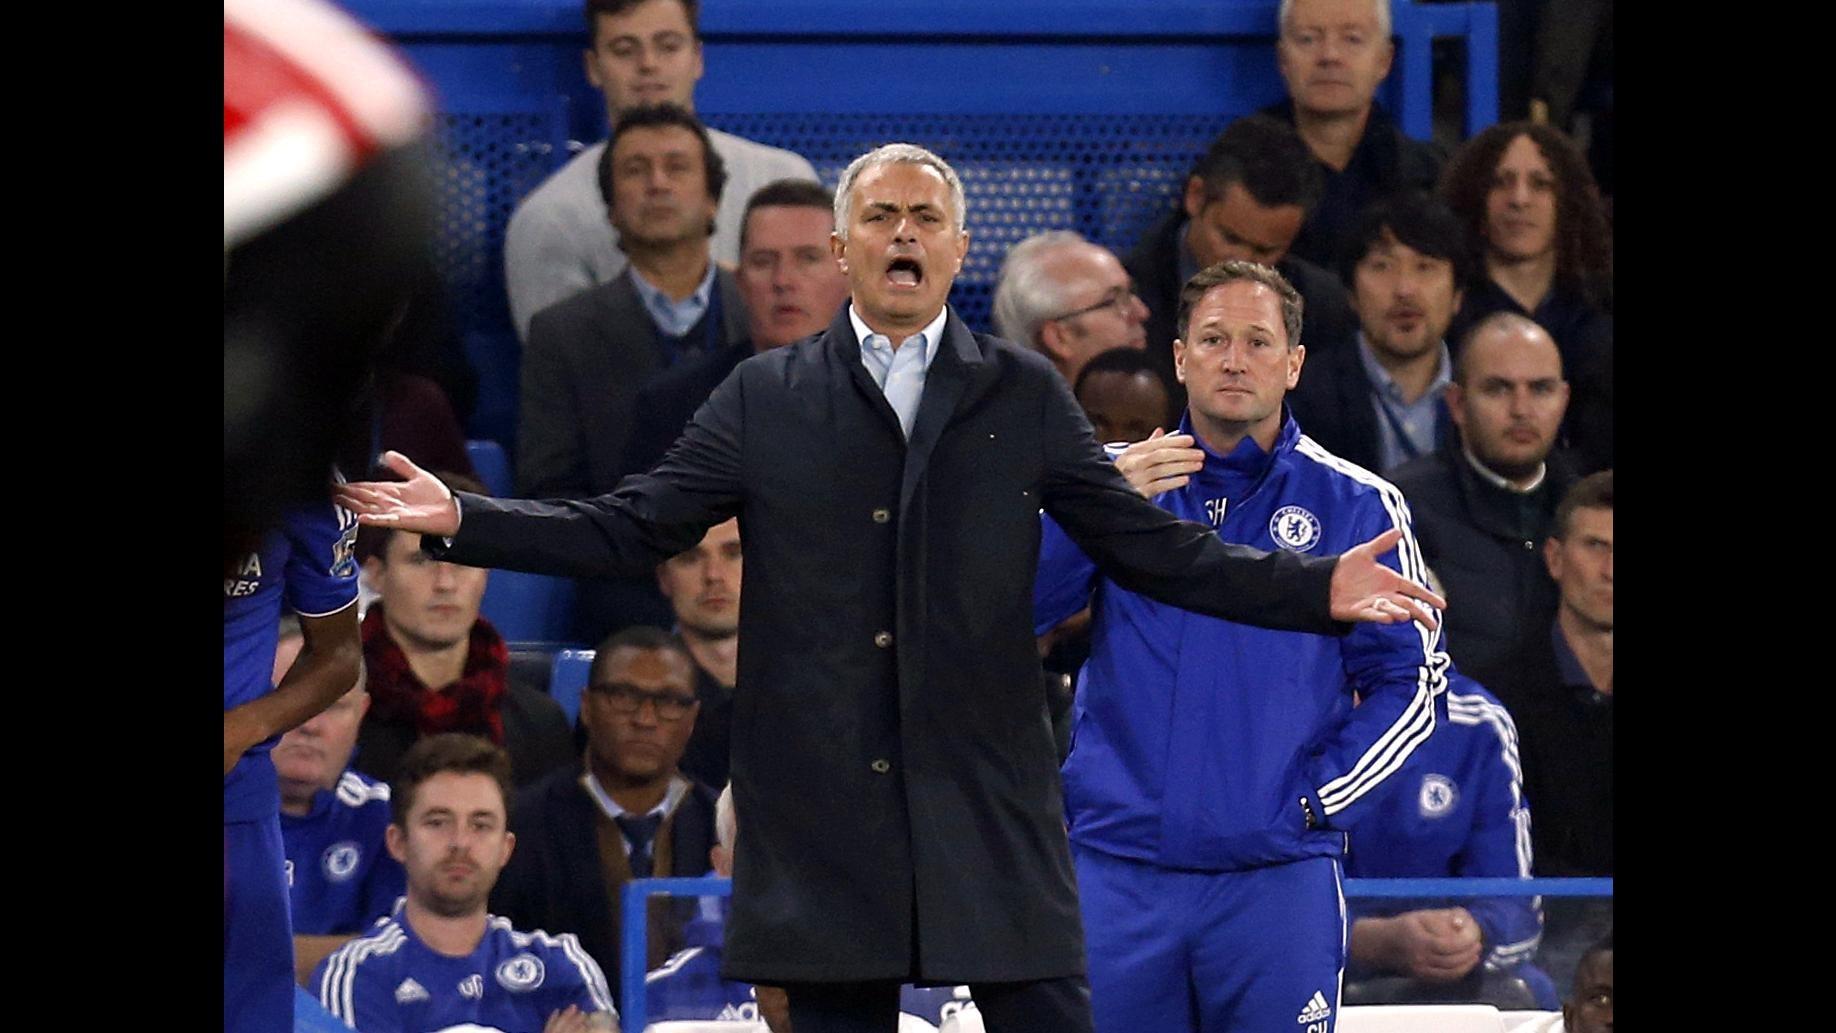 Calcio, Mourinho: Mio futuro al Chelsea? Non perdo certo il sonno